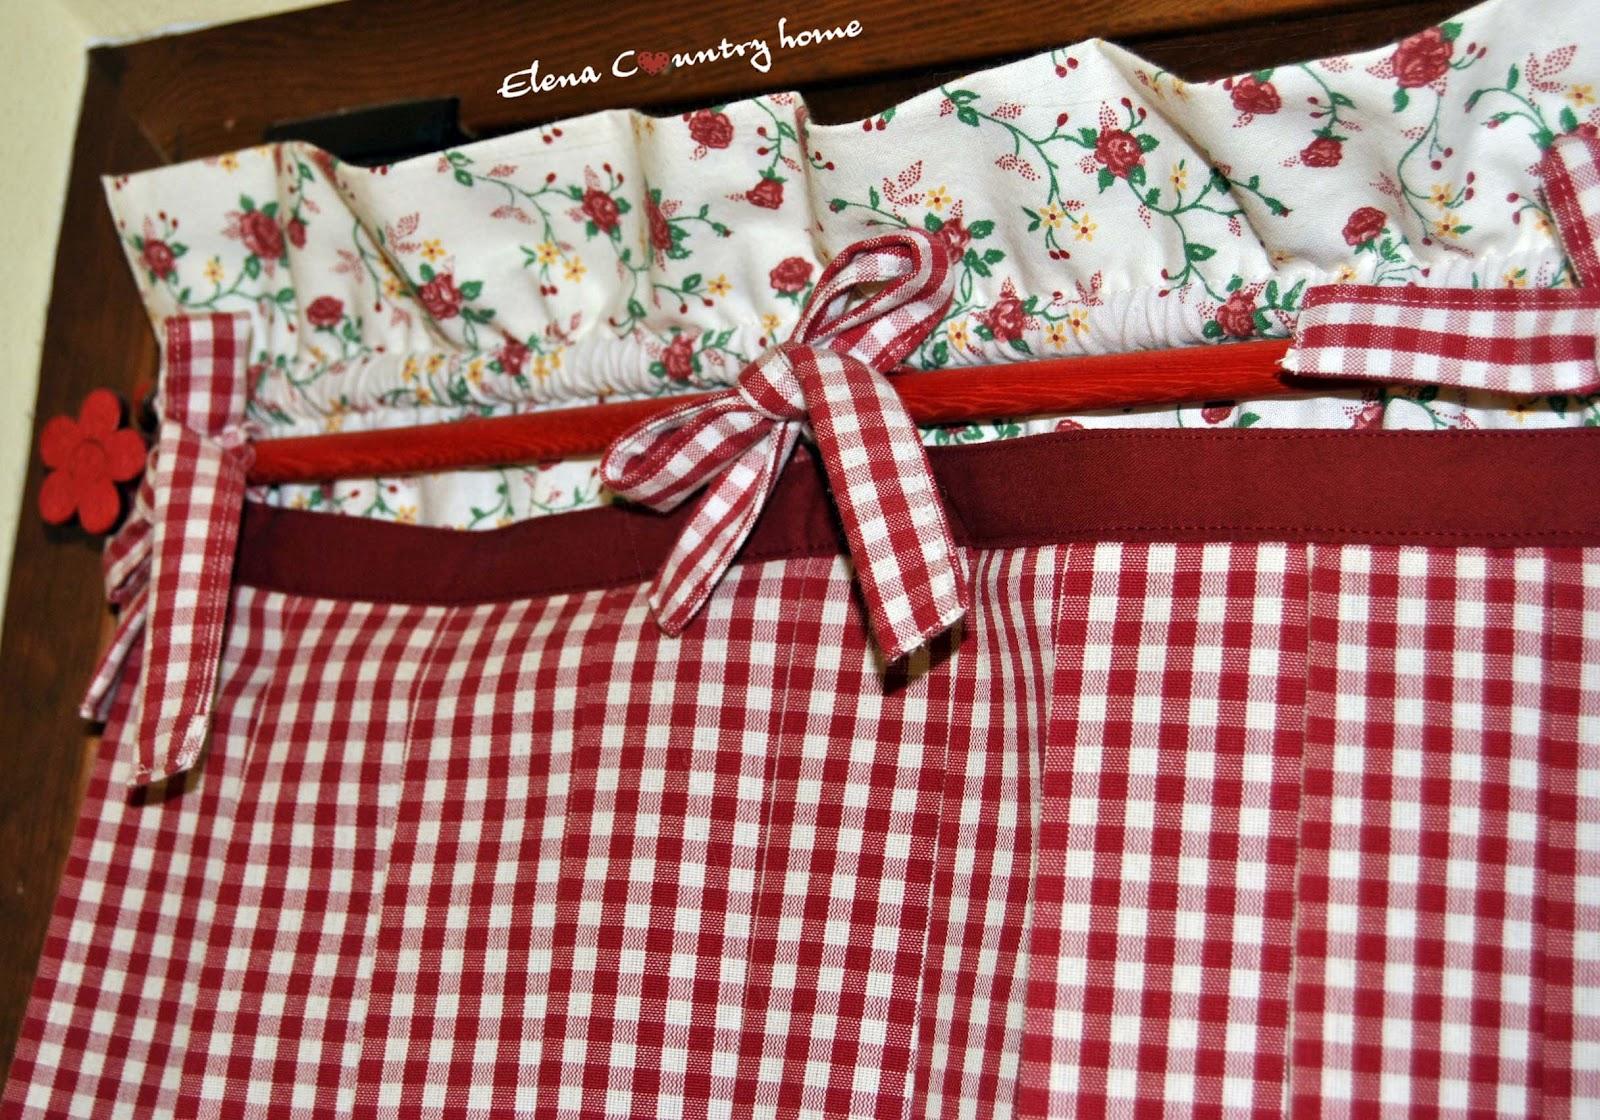 Elena country home il bagno - Quadretti per cucina ...